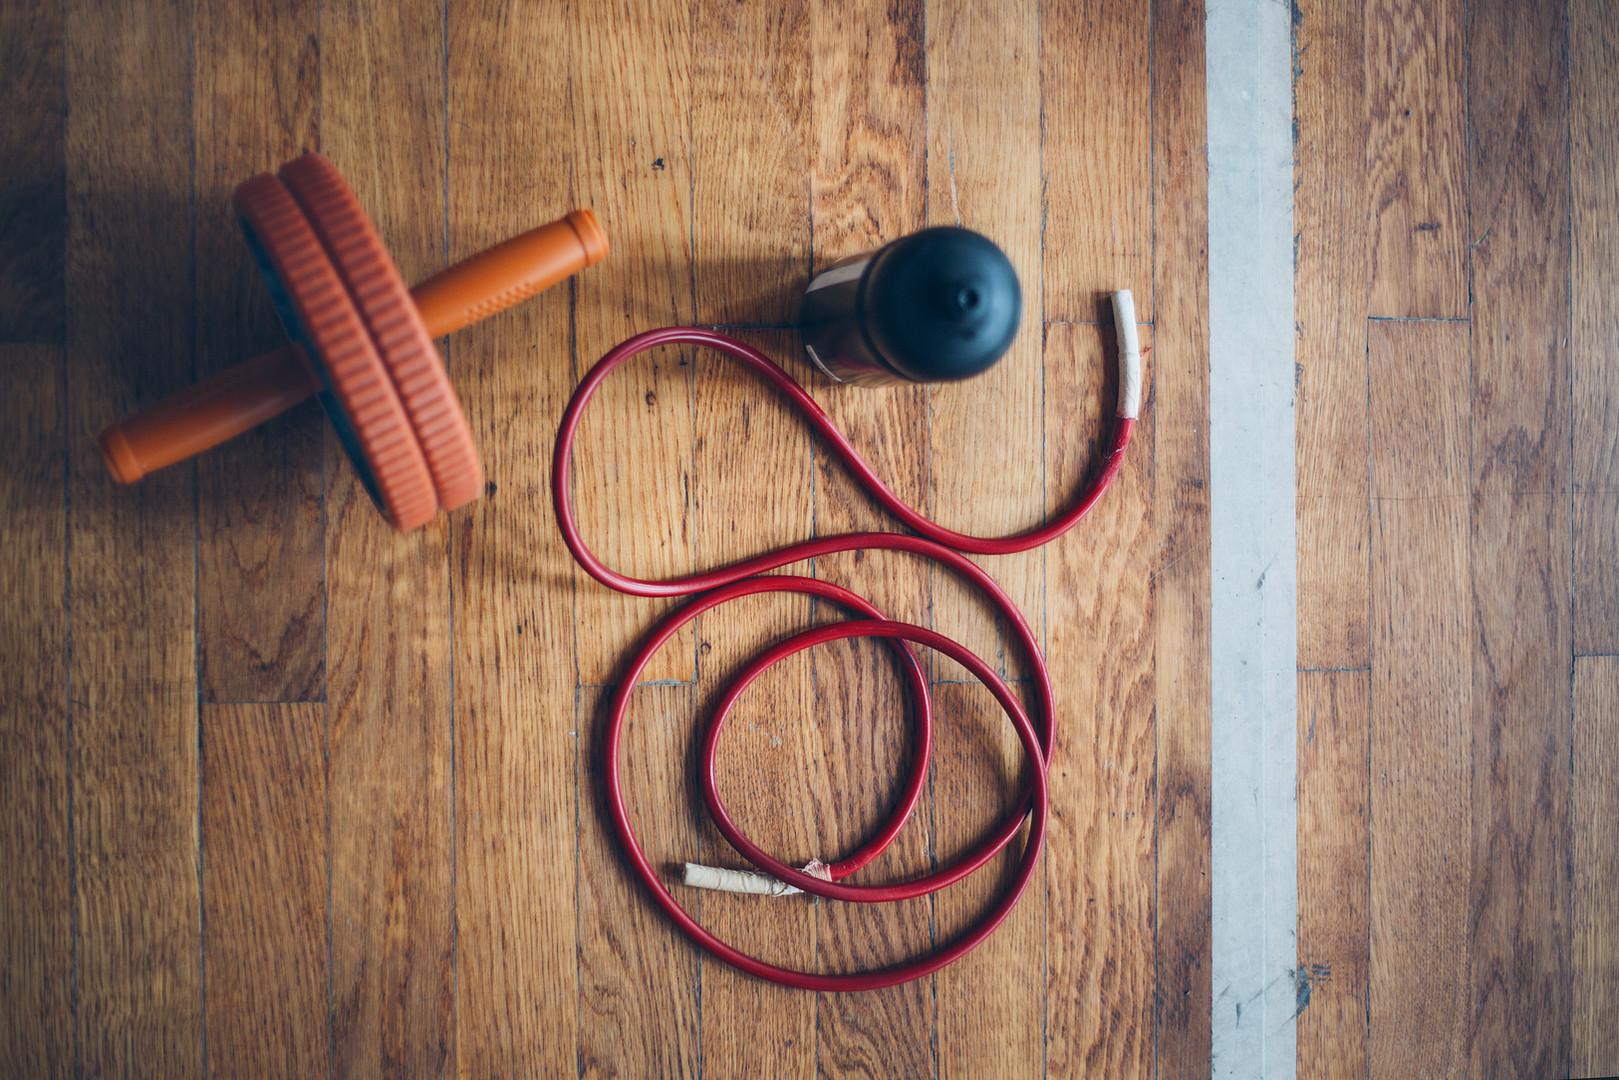 Fitnessgeräte auf einem Holzfußboden